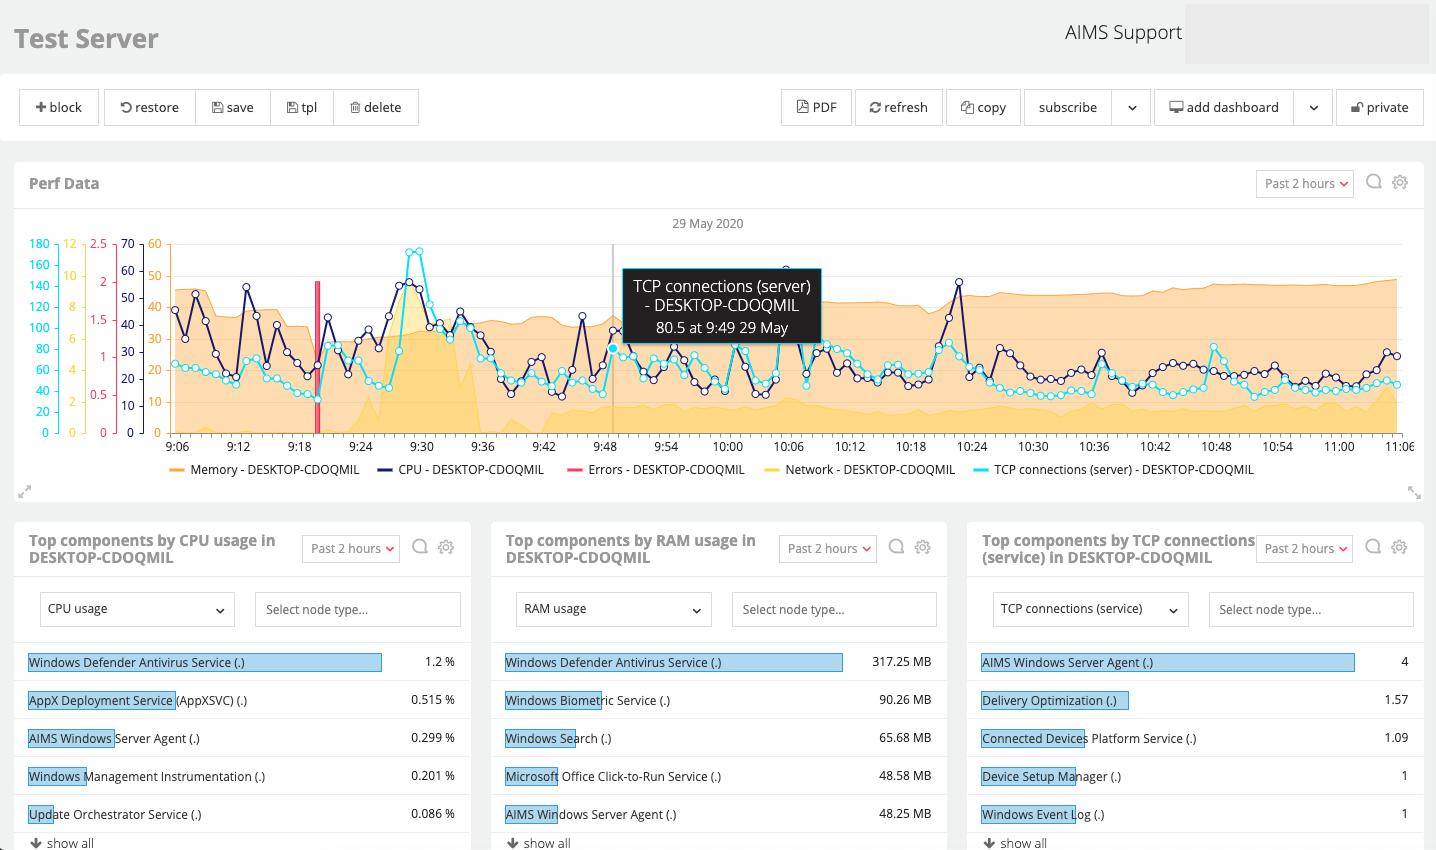 AIMS Server Monitoring